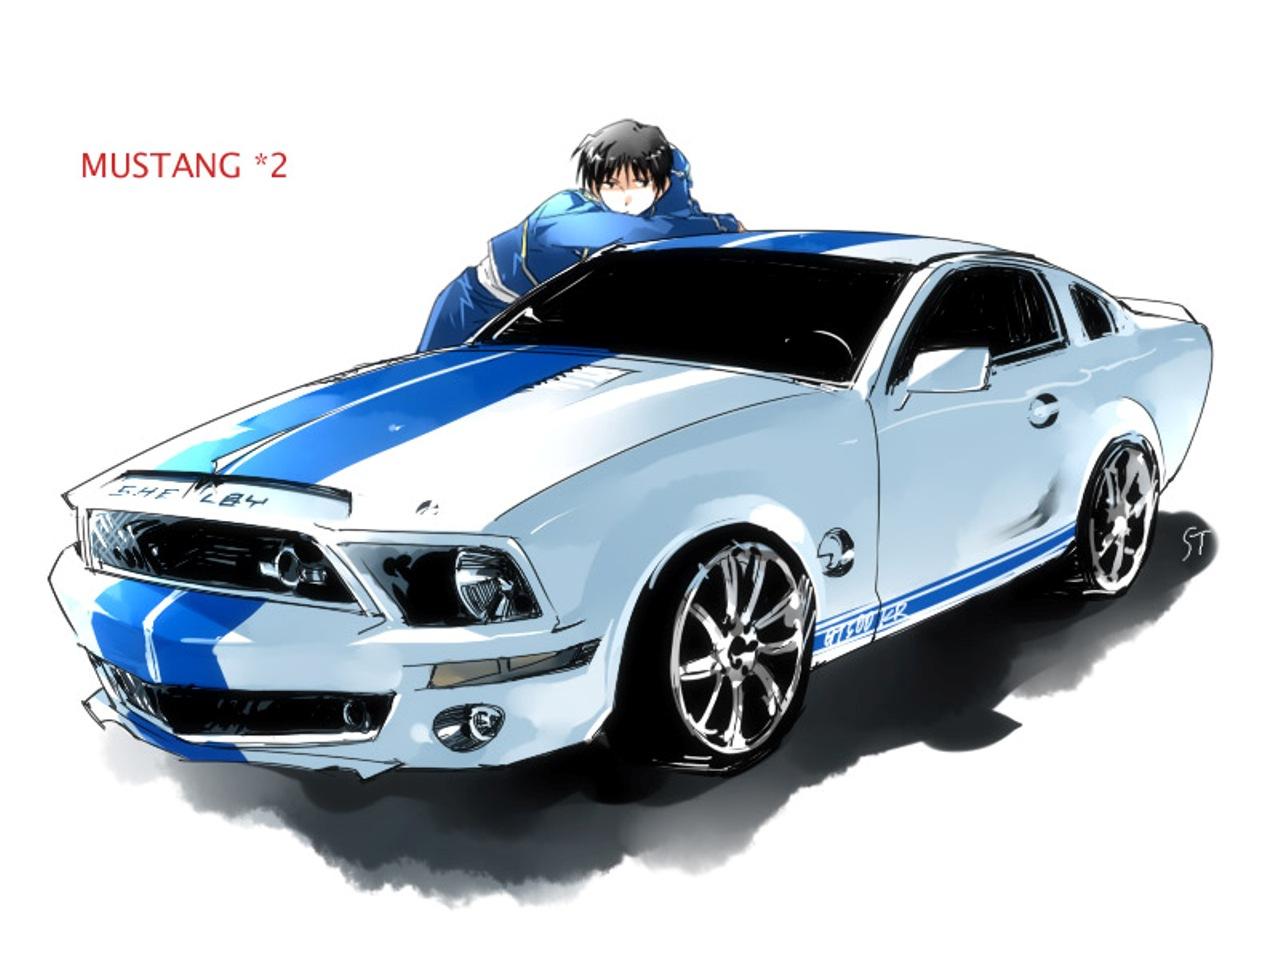 Car Wallpaper 1 40 Roy Mustang Fullmetal Alchemist Zerochan Anime Image Board